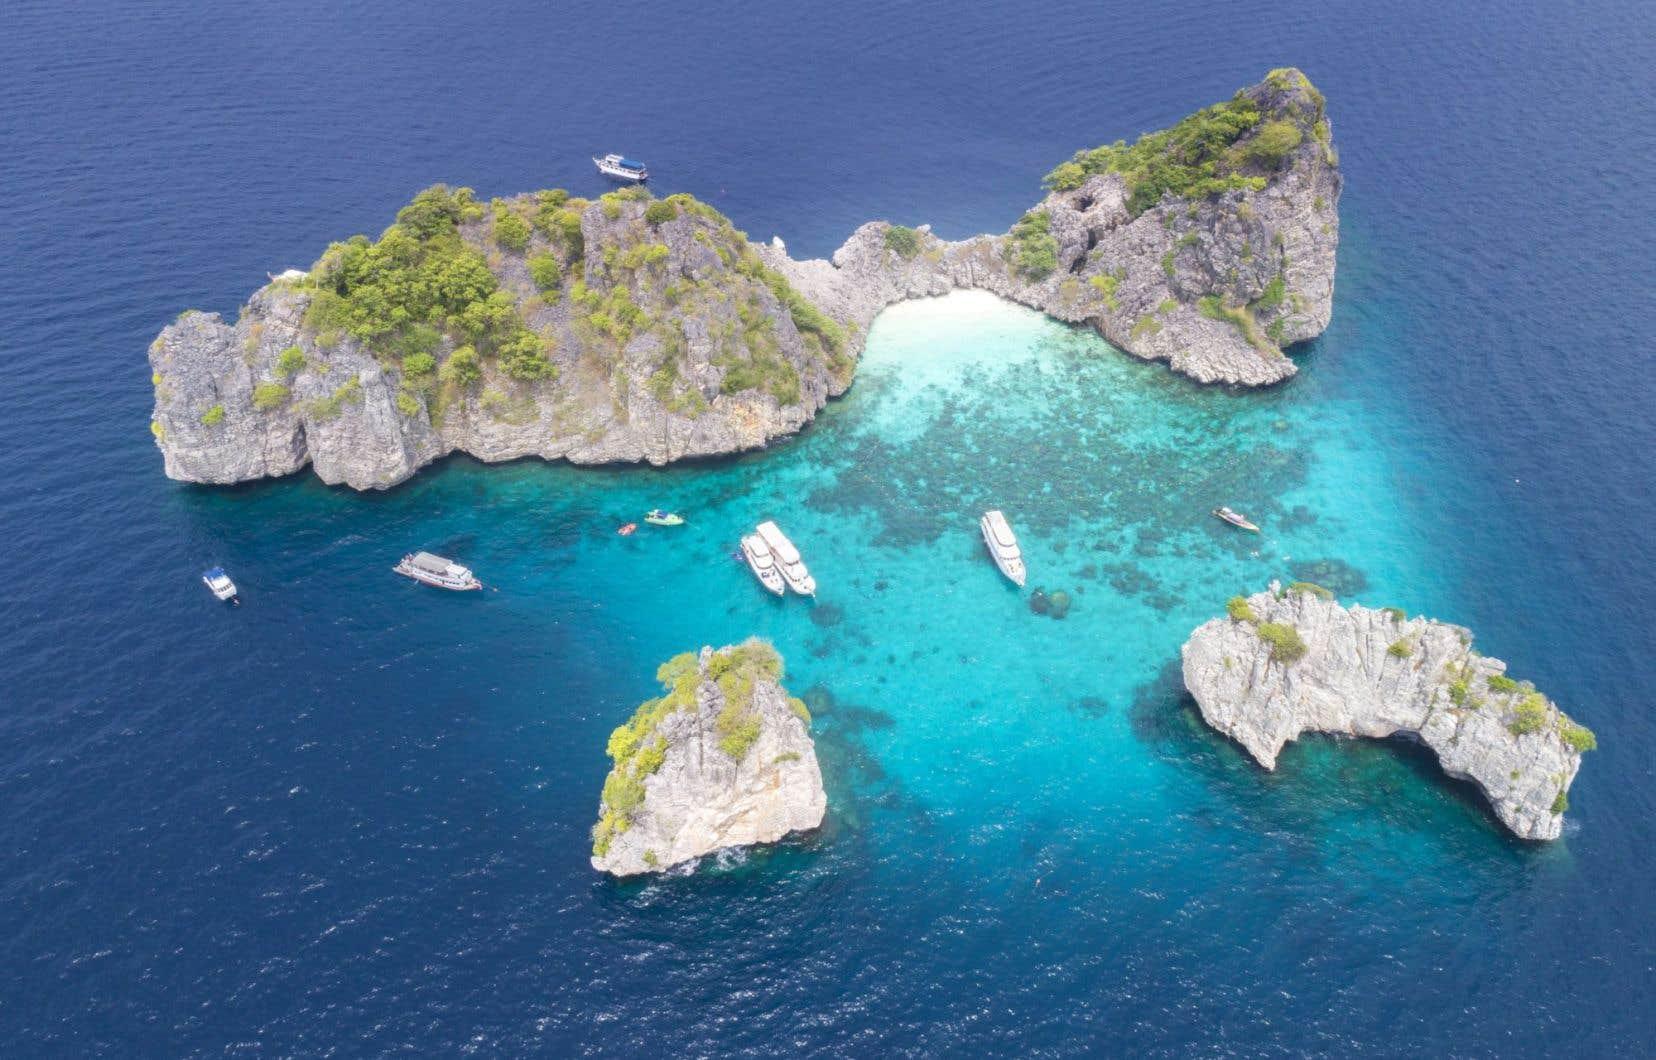 Quelque 61 parcs nationaux (dont 25 marins) sur un total de 154 sont fermés, notamment ceux d'îles touristiques comme Koh Lanta.